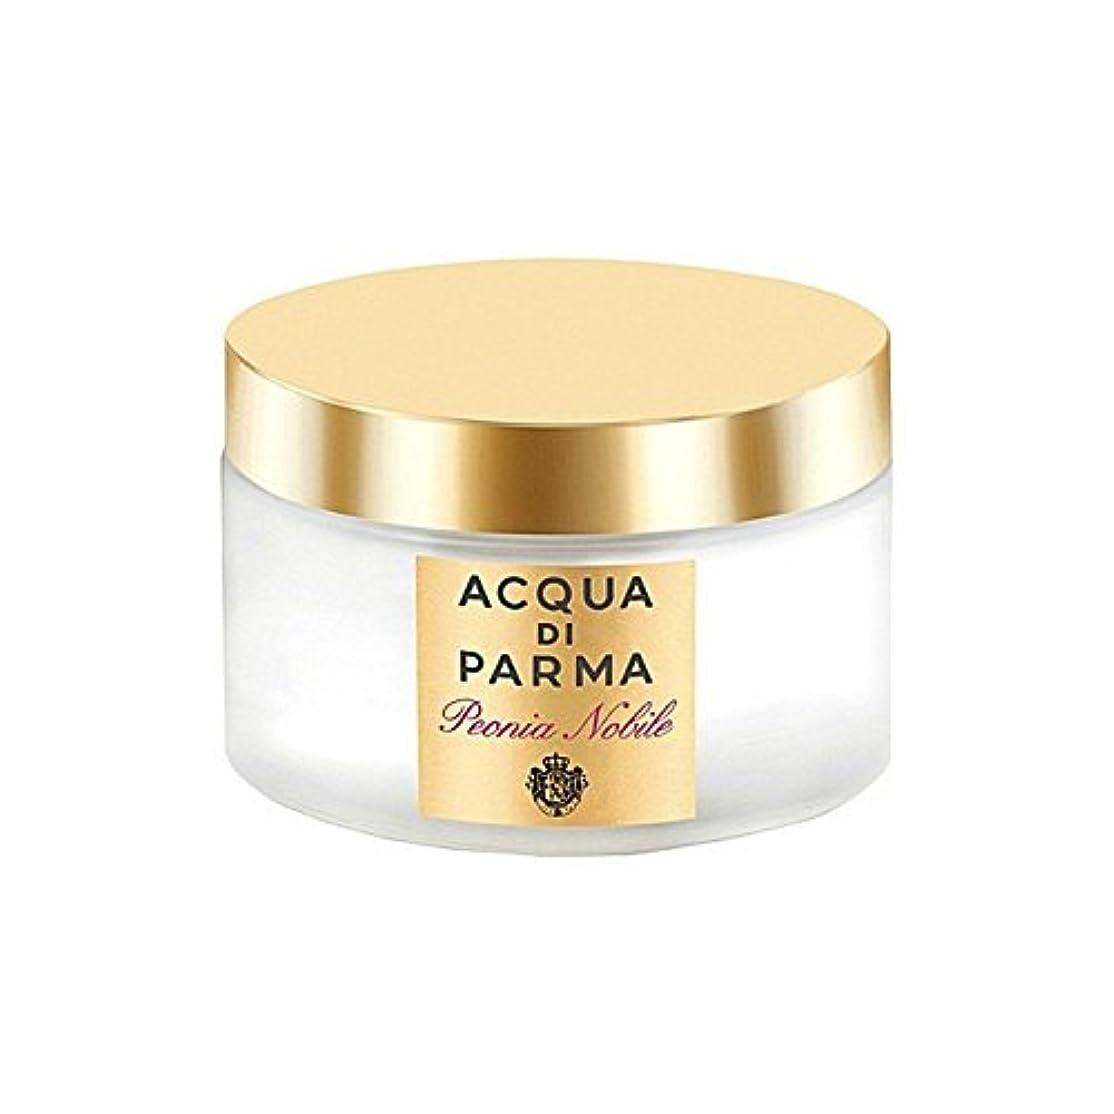 前述の外側カトリック教徒アクアディパルマノビレボディクリーム150ミリリットル x2 - Acqua Di Parma Peonia Nobile Body Cream 150ml (Pack of 2) [並行輸入品]